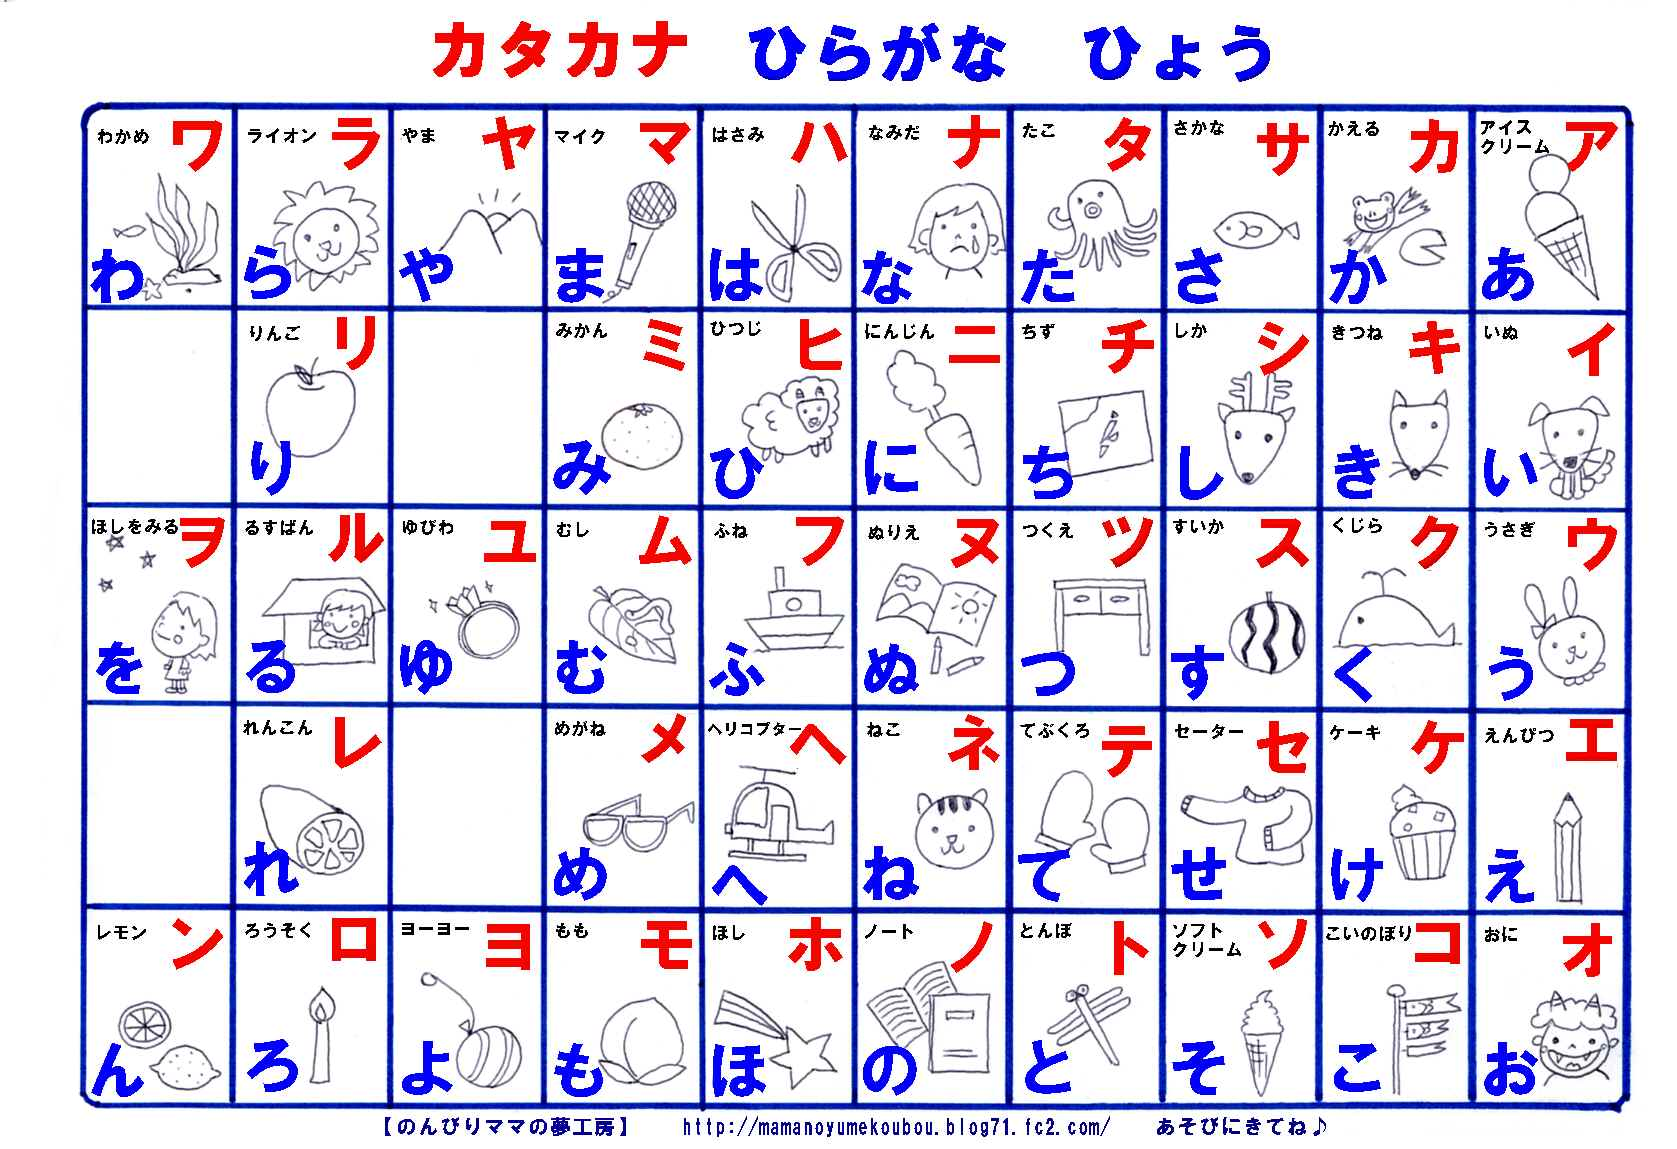 Mama No Yume Koubou S Hiragana And Katakana Chart